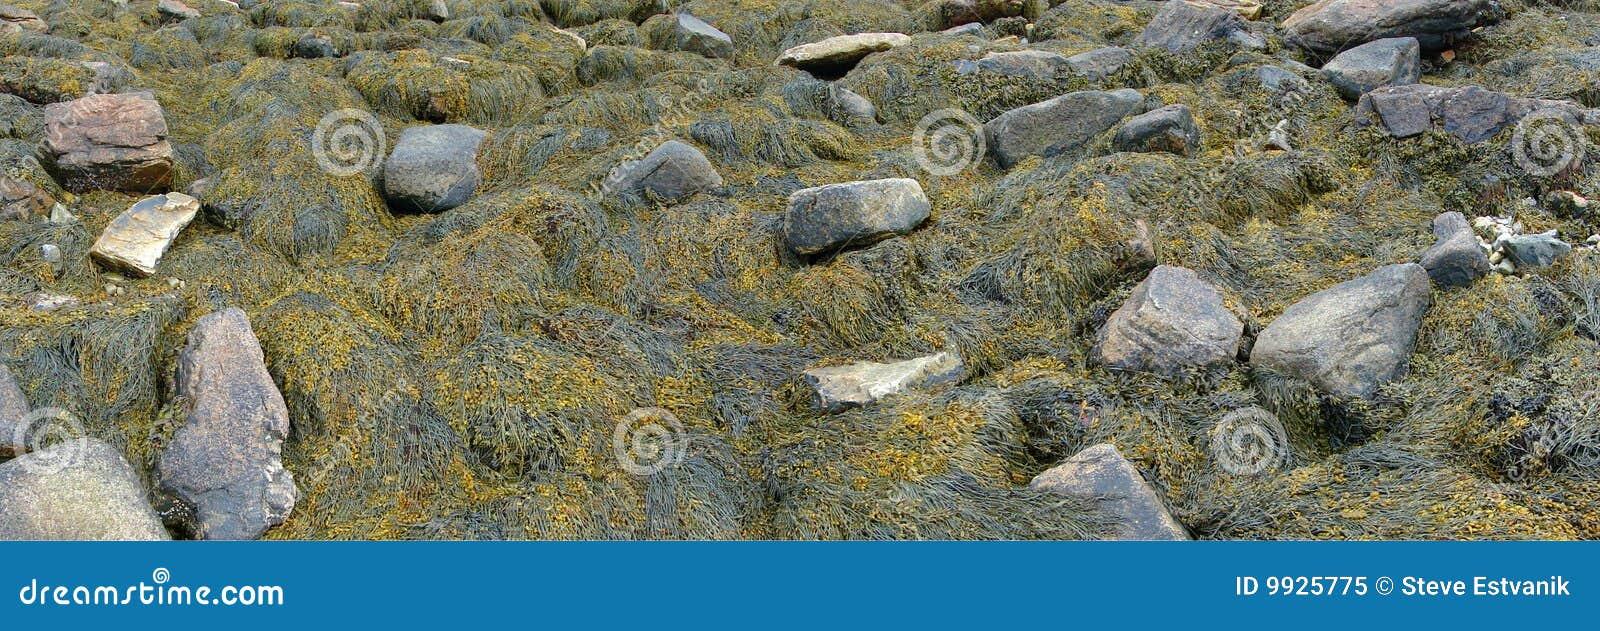 Detalhe, alga e kelp em rochas da praia